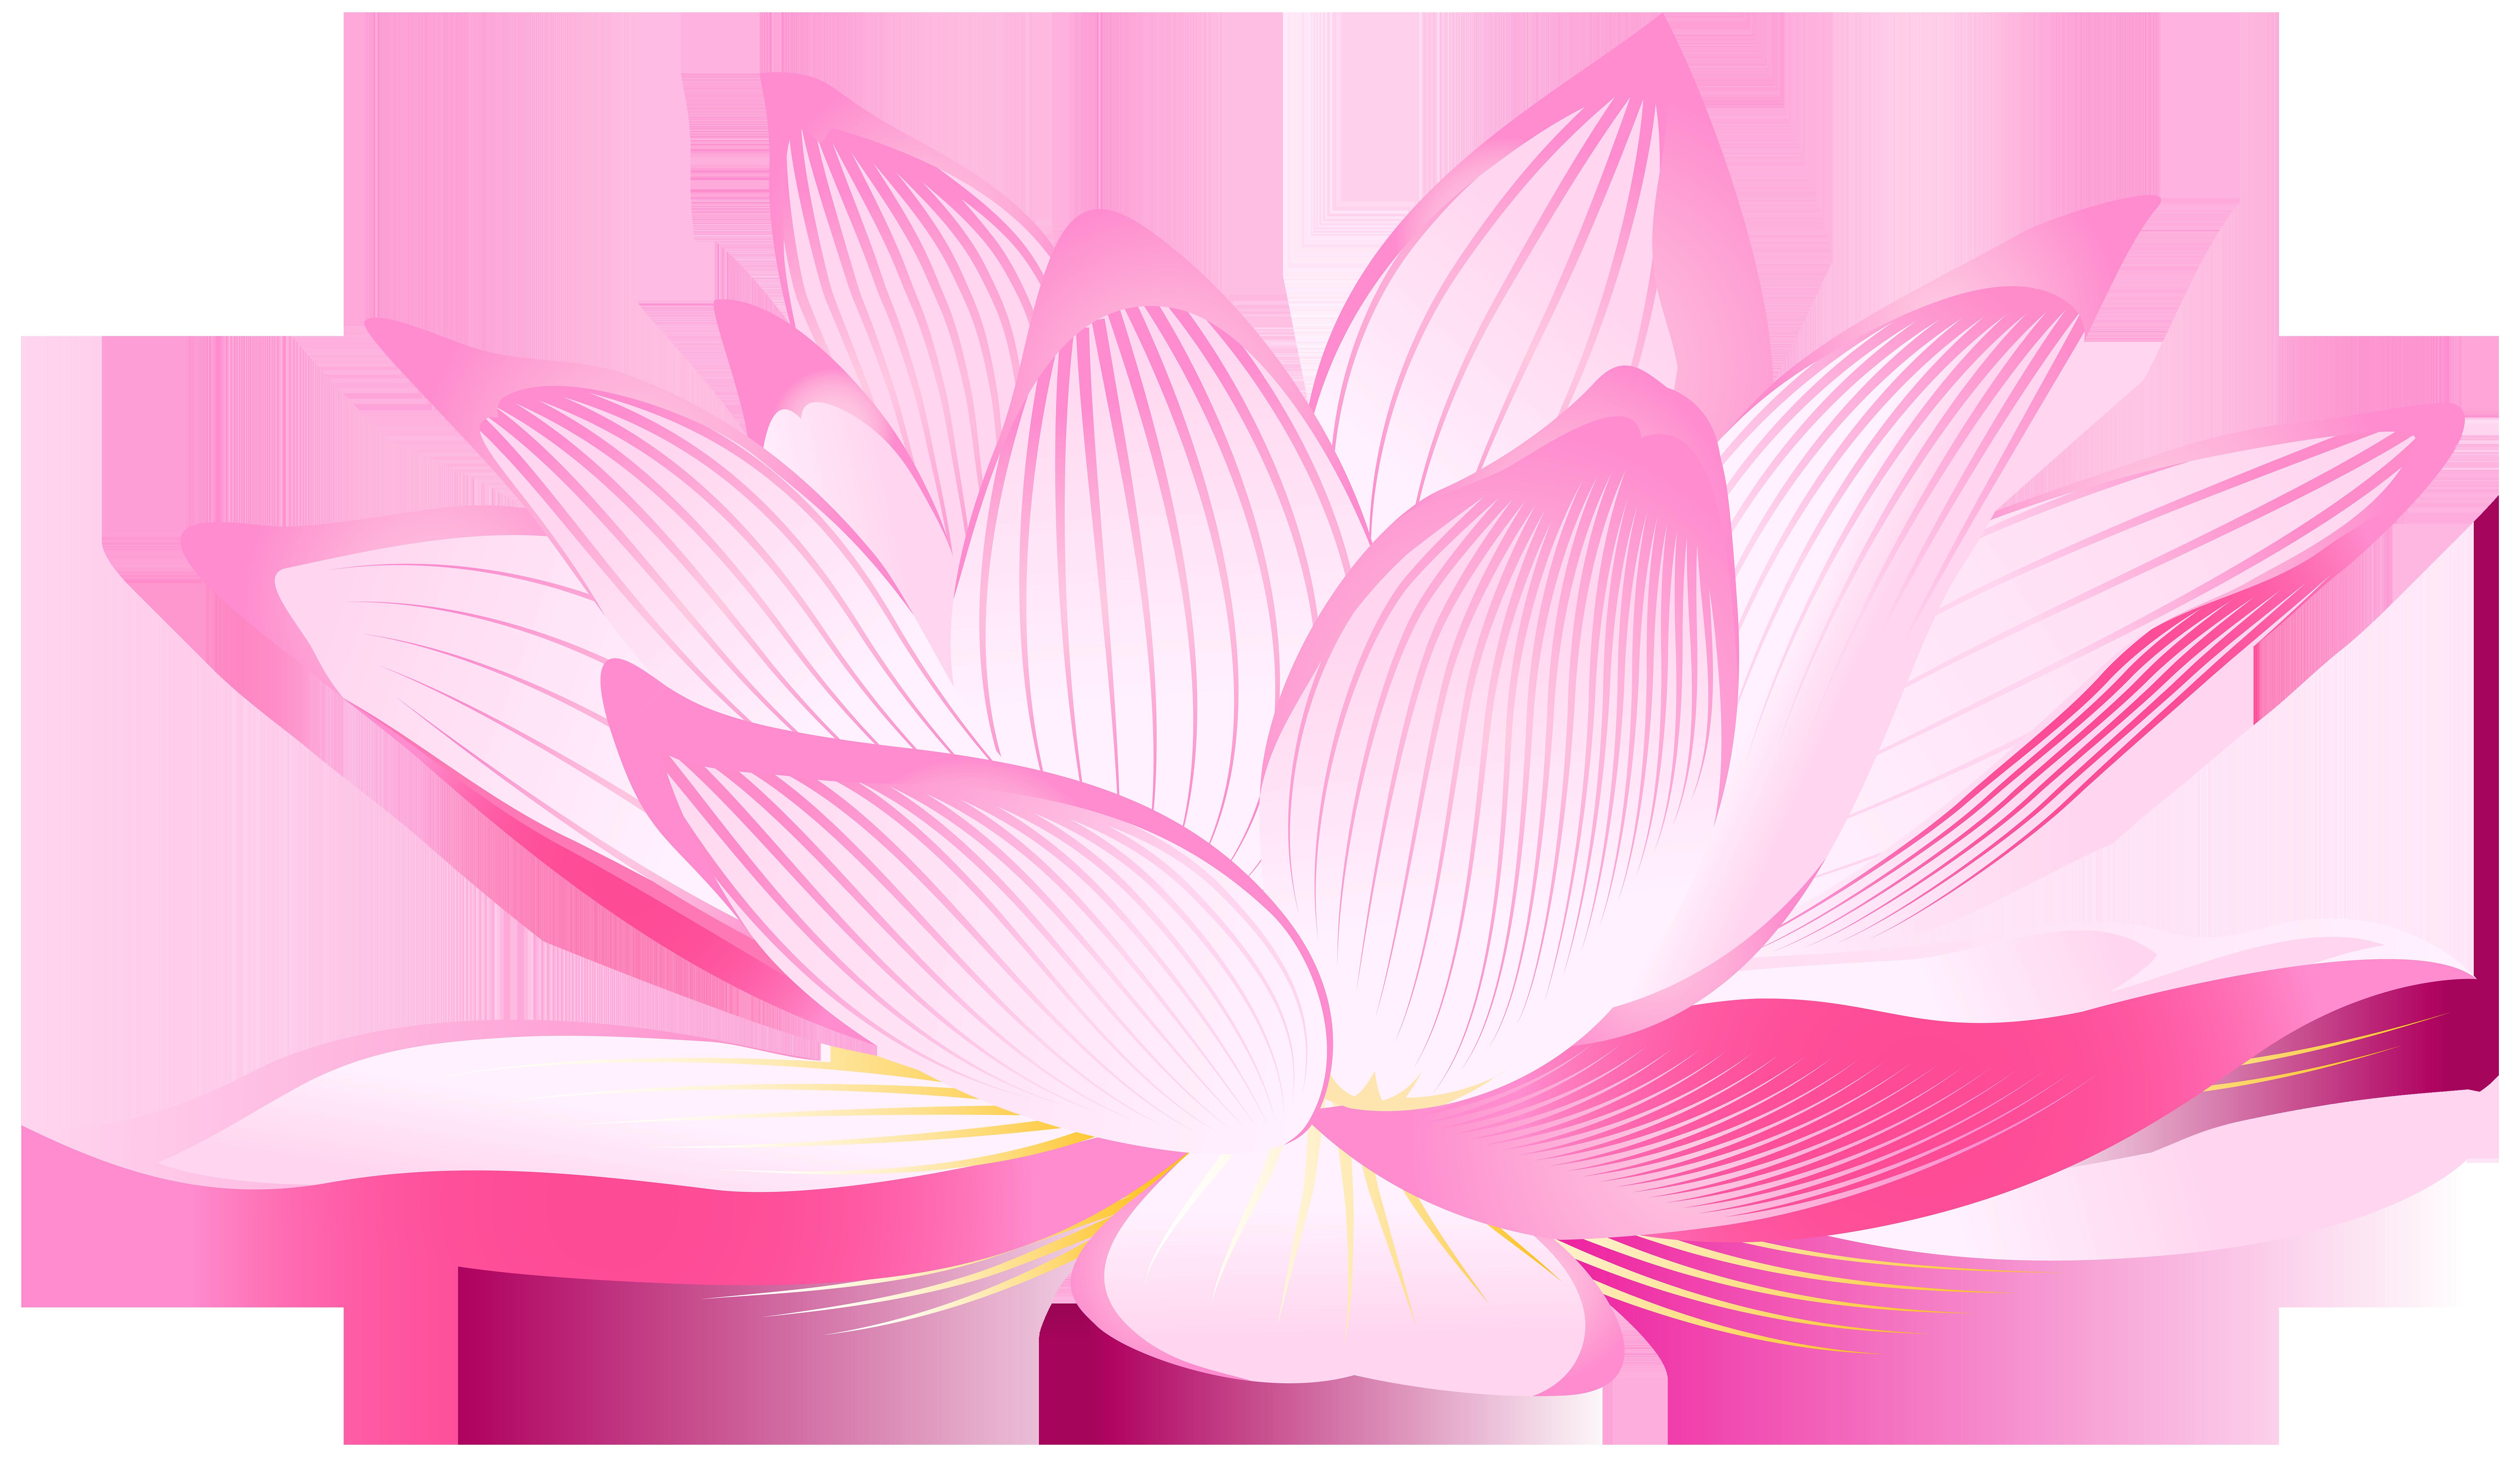 Png Lotus Flower Transparent Lotus Flowerg Images Pluspng